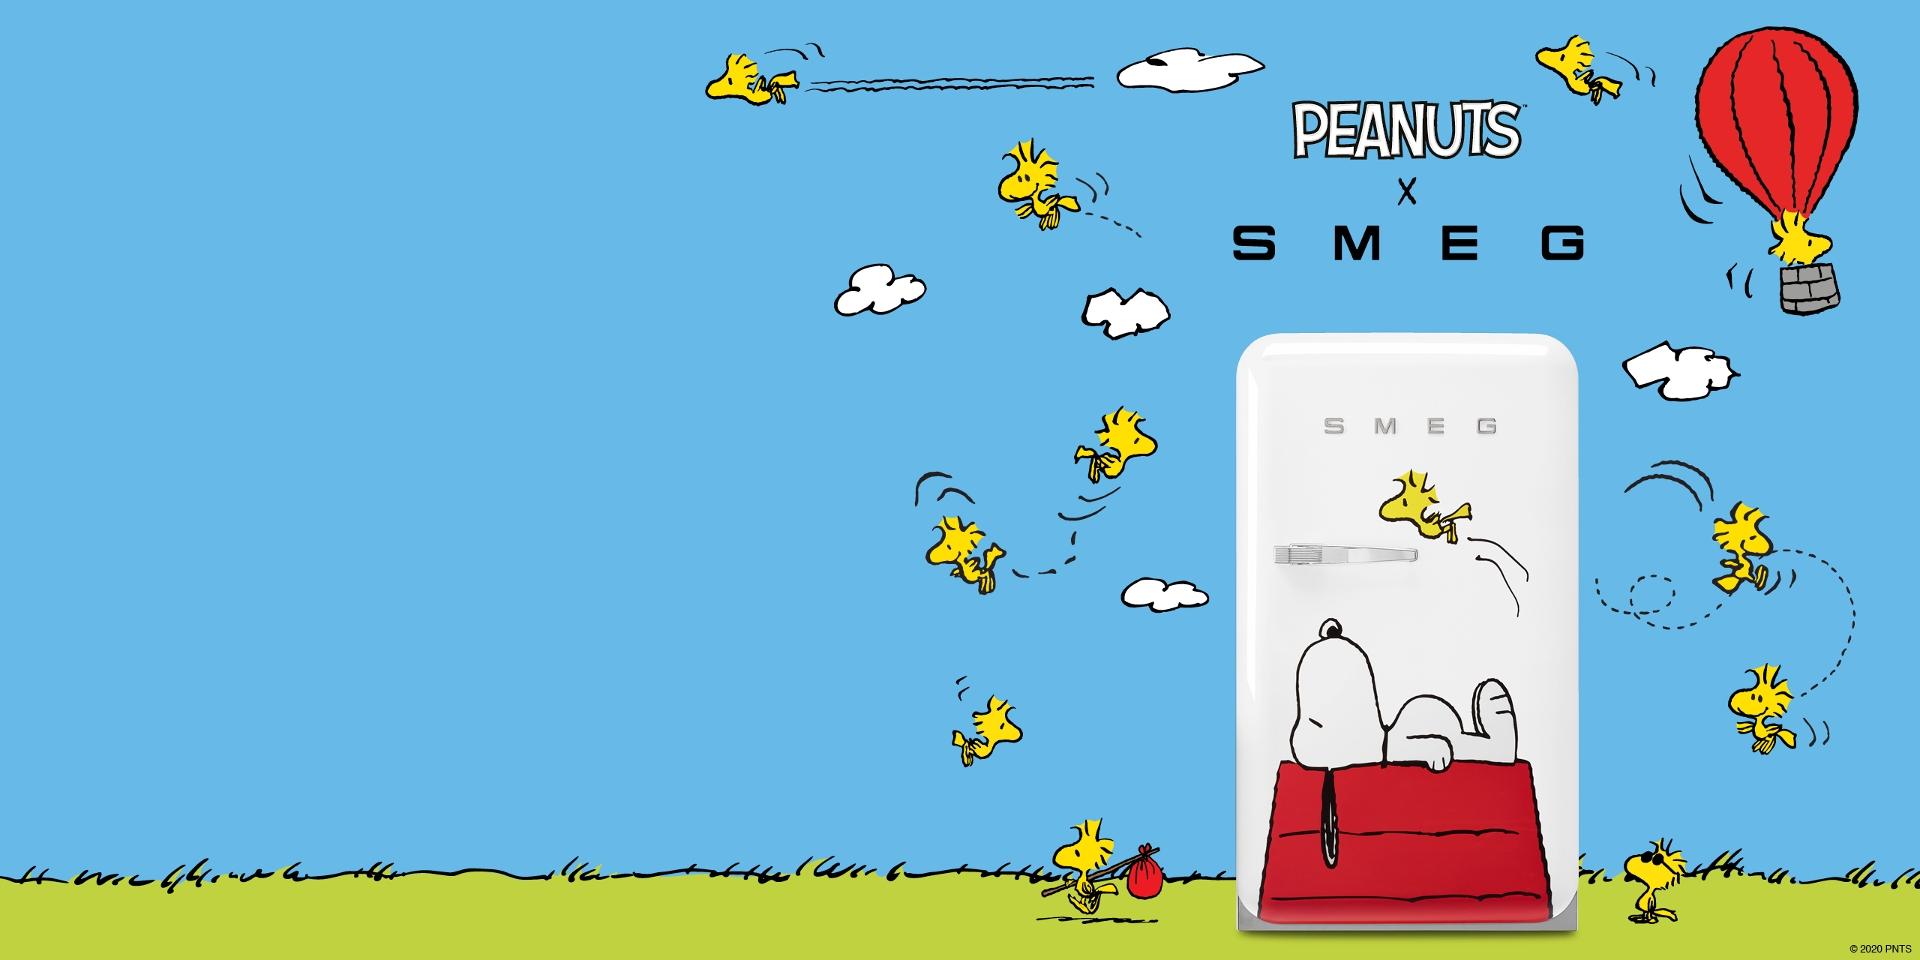 Peanuts e Smeg